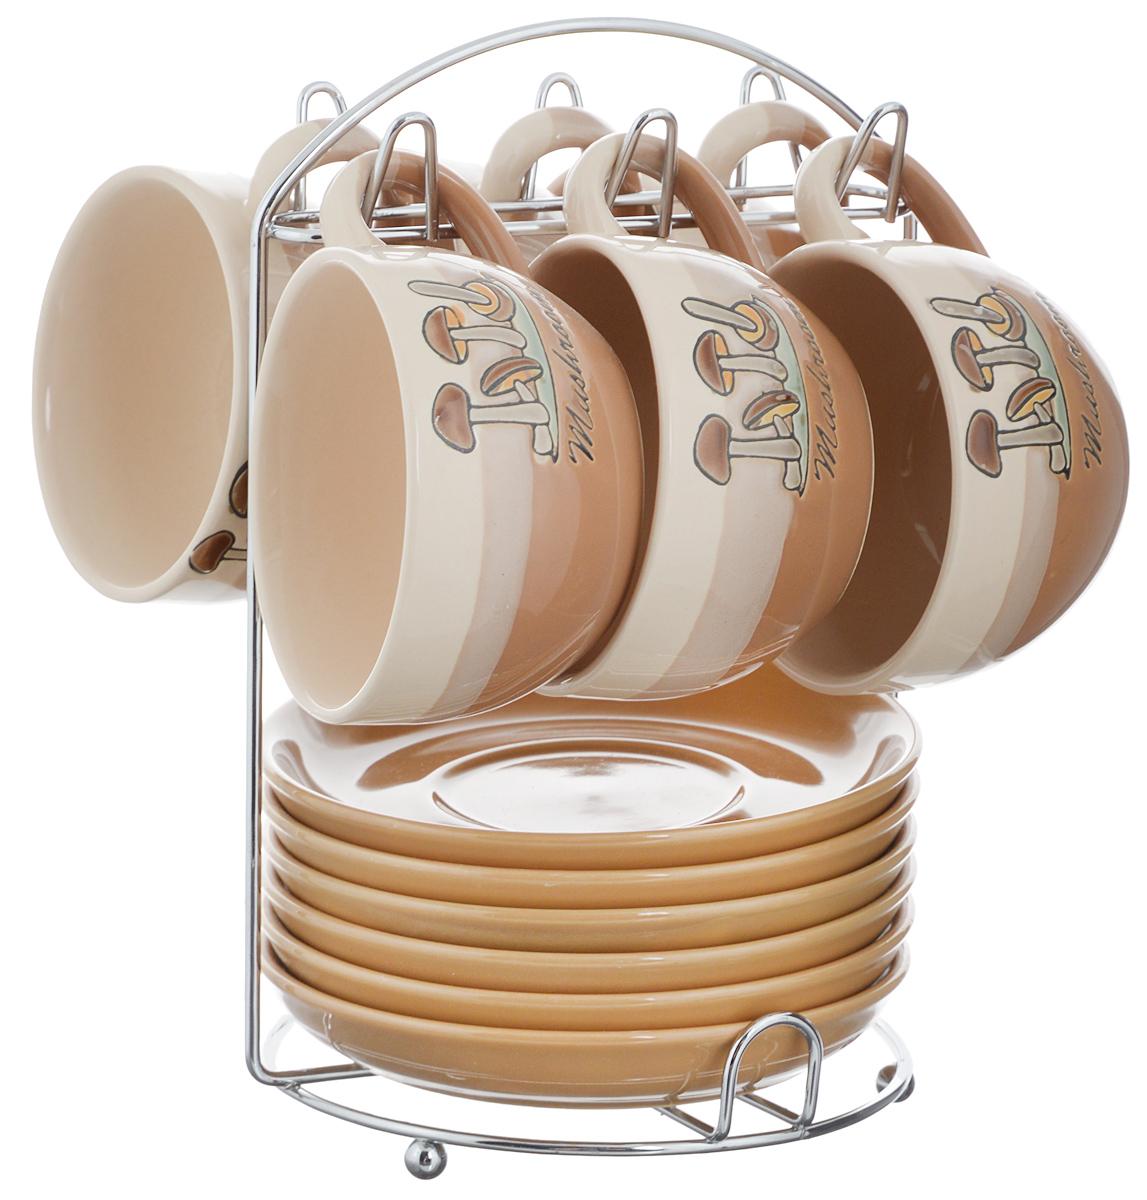 Набор чайный Calve. Грибы, на подставке, 13 предметов115510Набор Calve. Грибы состоит из шести чашек и шести блюдец, изготовленных из высококачественного фарфора. Чашки оформлены ярким изображением грибов. Изделия расположены на металлической подставке. Такой набор подходит для подачи чая или кофе.Изящный дизайн придется по вкусу и ценителям классики, и тем, кто предпочитает утонченность и изысканность. Он настроит на позитивный лад и подарит хорошее настроение с самого утра. Чайный набор Calve. Грибы - идеальный и необходимый подарок для вашего дома и для ваших друзей в праздники.Можно мыть в посудомоечной машине. Объем чашки: 220 мл. Диаметр чашки (по верхнему краю): 9,5 см. Высота чашки: 6,3 см. Диаметр блюдца: 14,5 см. Высота блюдца: 2,3 см.Размер подставки: 16,5 х 16 х 22,5 см.